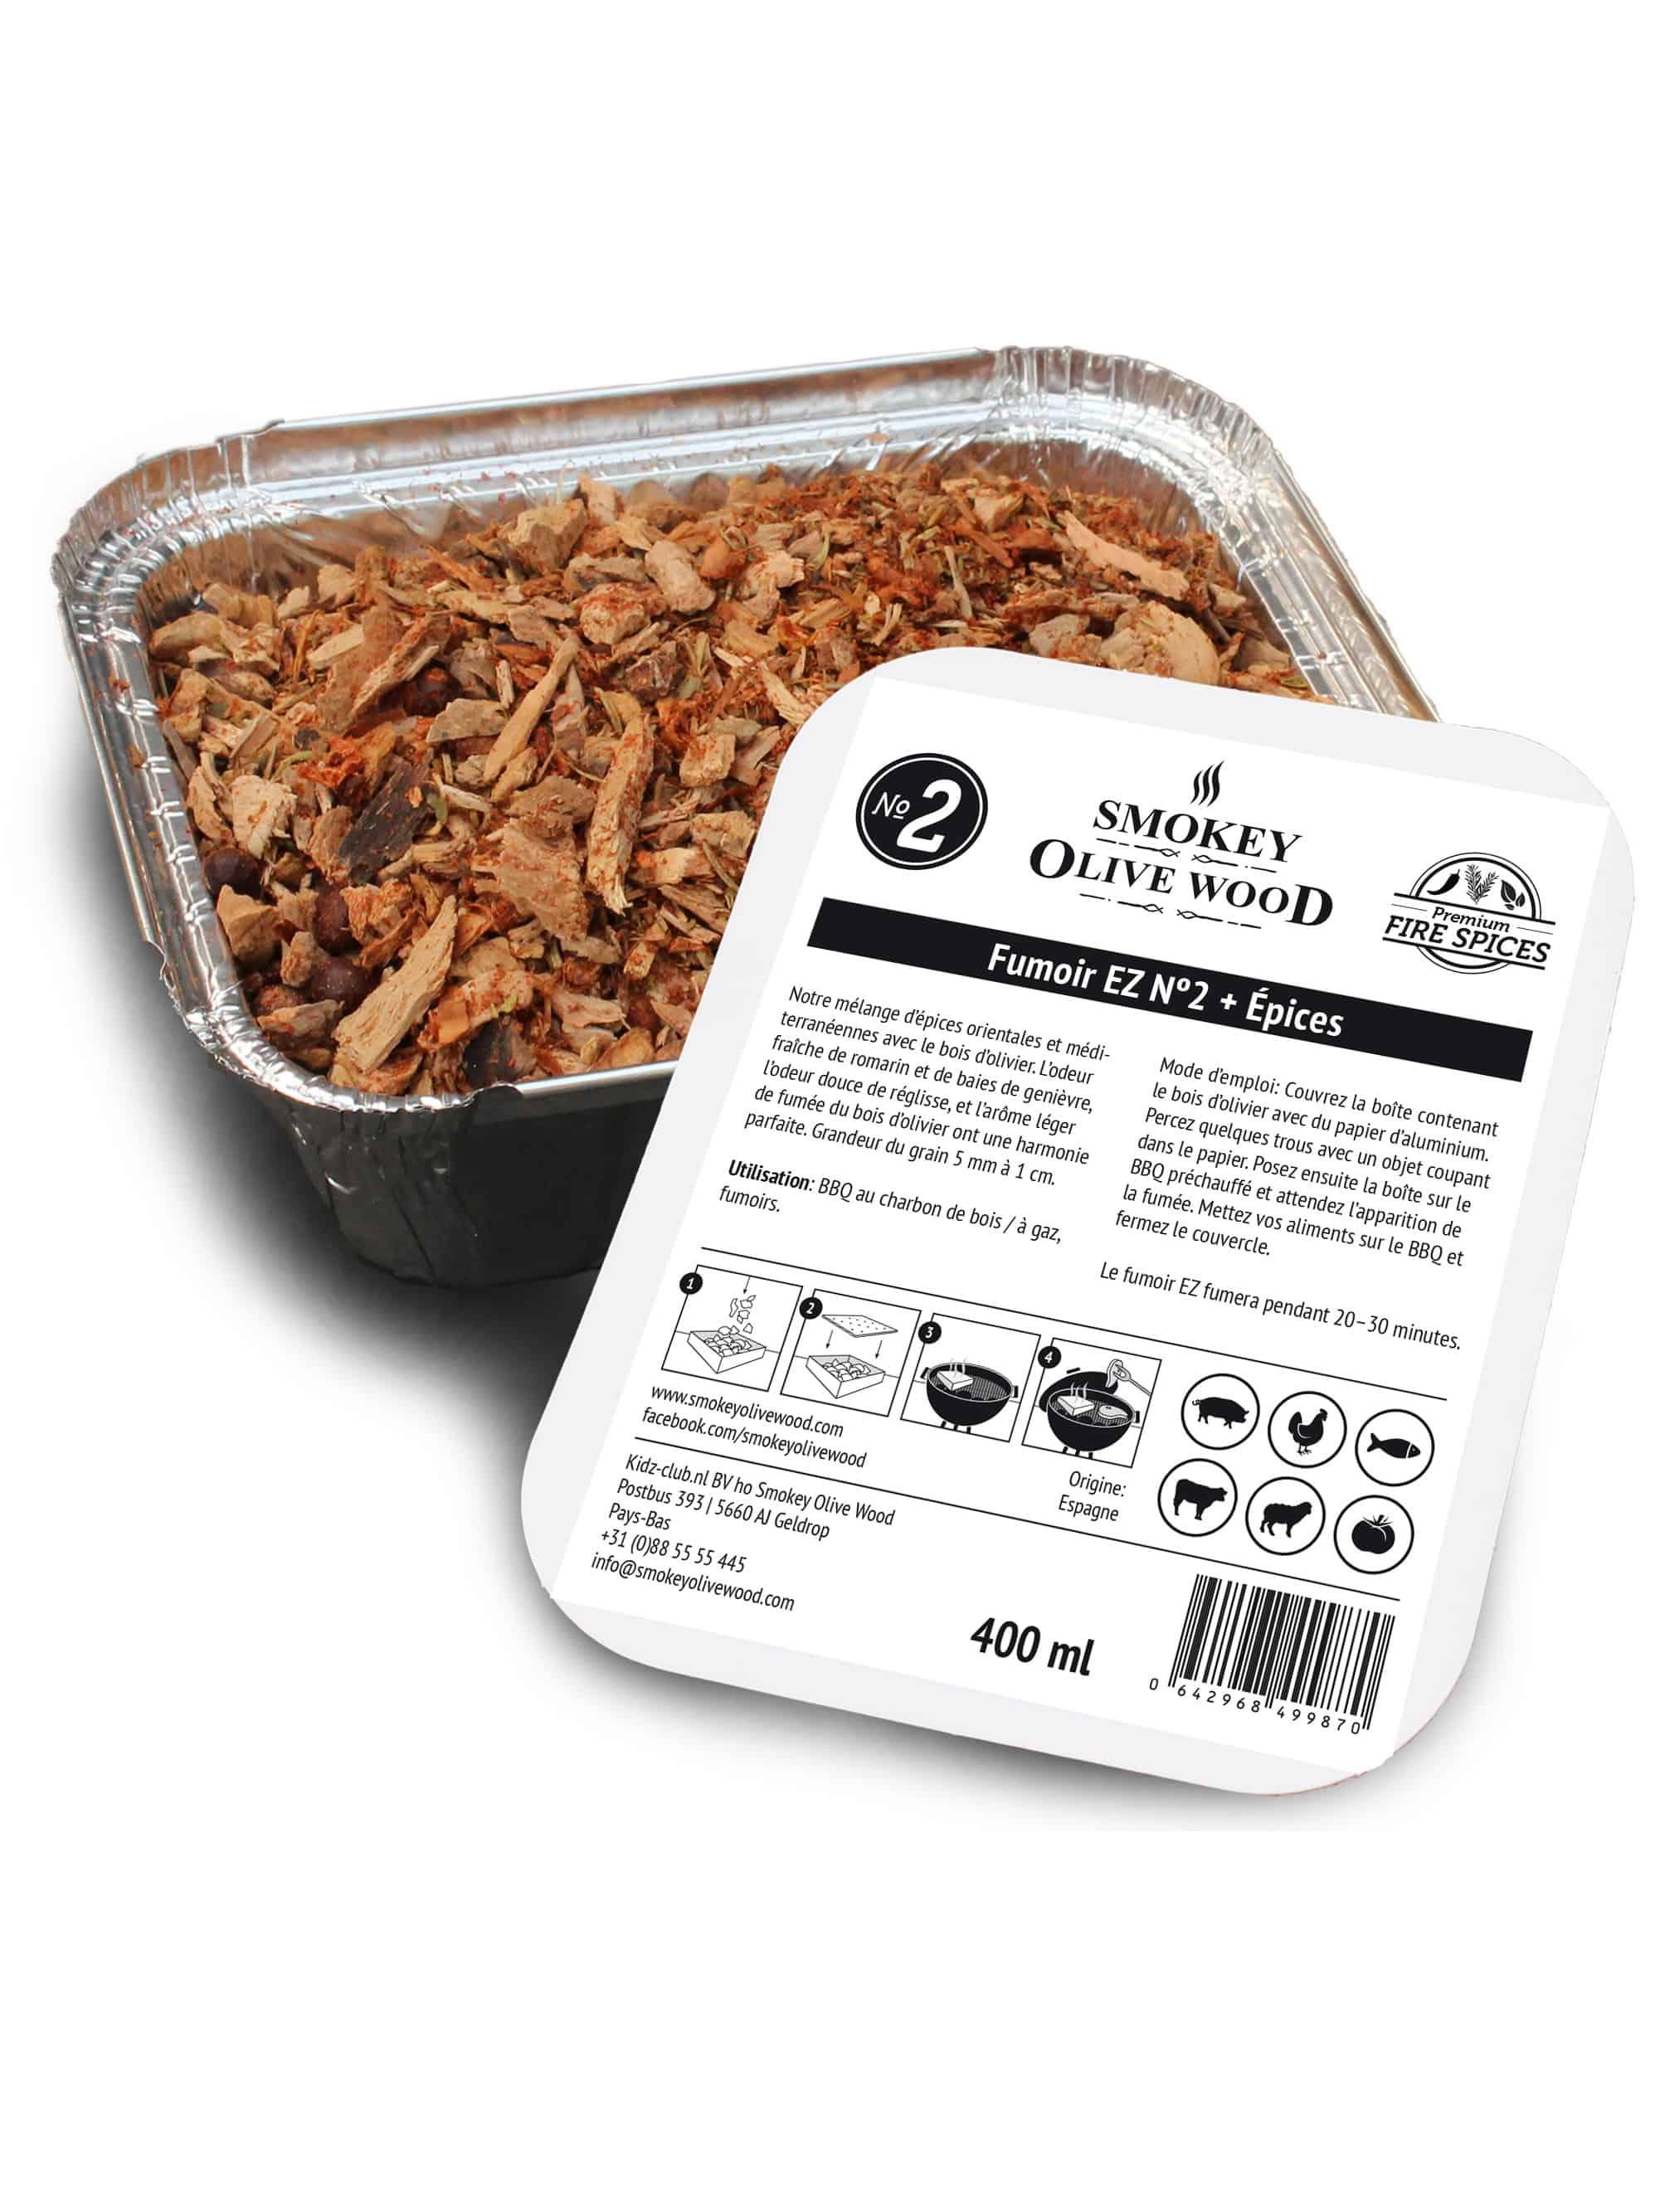 Smokey Olive Wood Fumoir EZ Nº2 + Épices Smoker BBQ Chips Grill Fumer